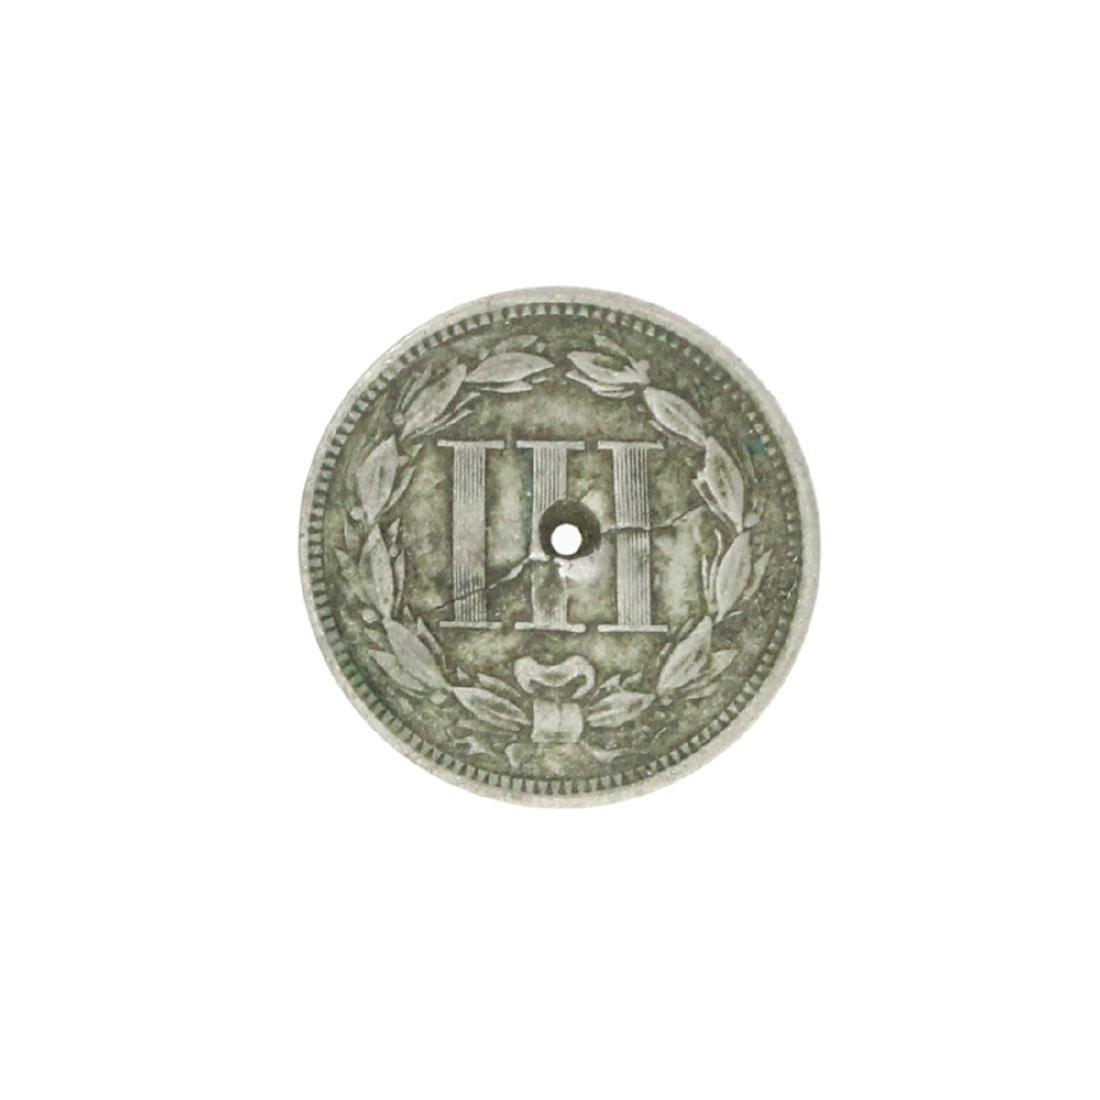 1866 Three Cent Piece Nickel Coin - 2